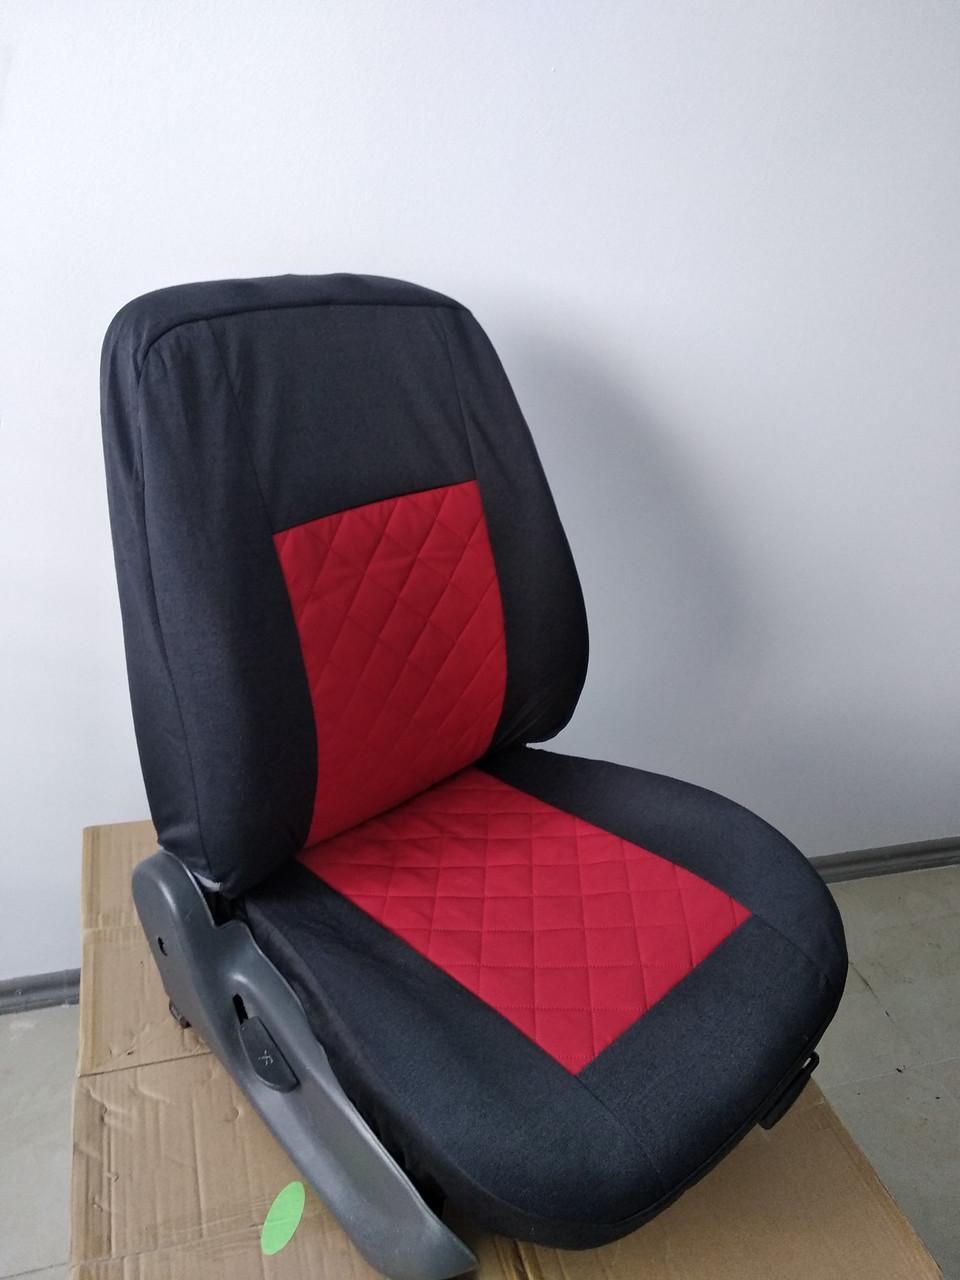 Чехлы на сиденья авто универсальные LUXE (спинка деленка) вставка красная